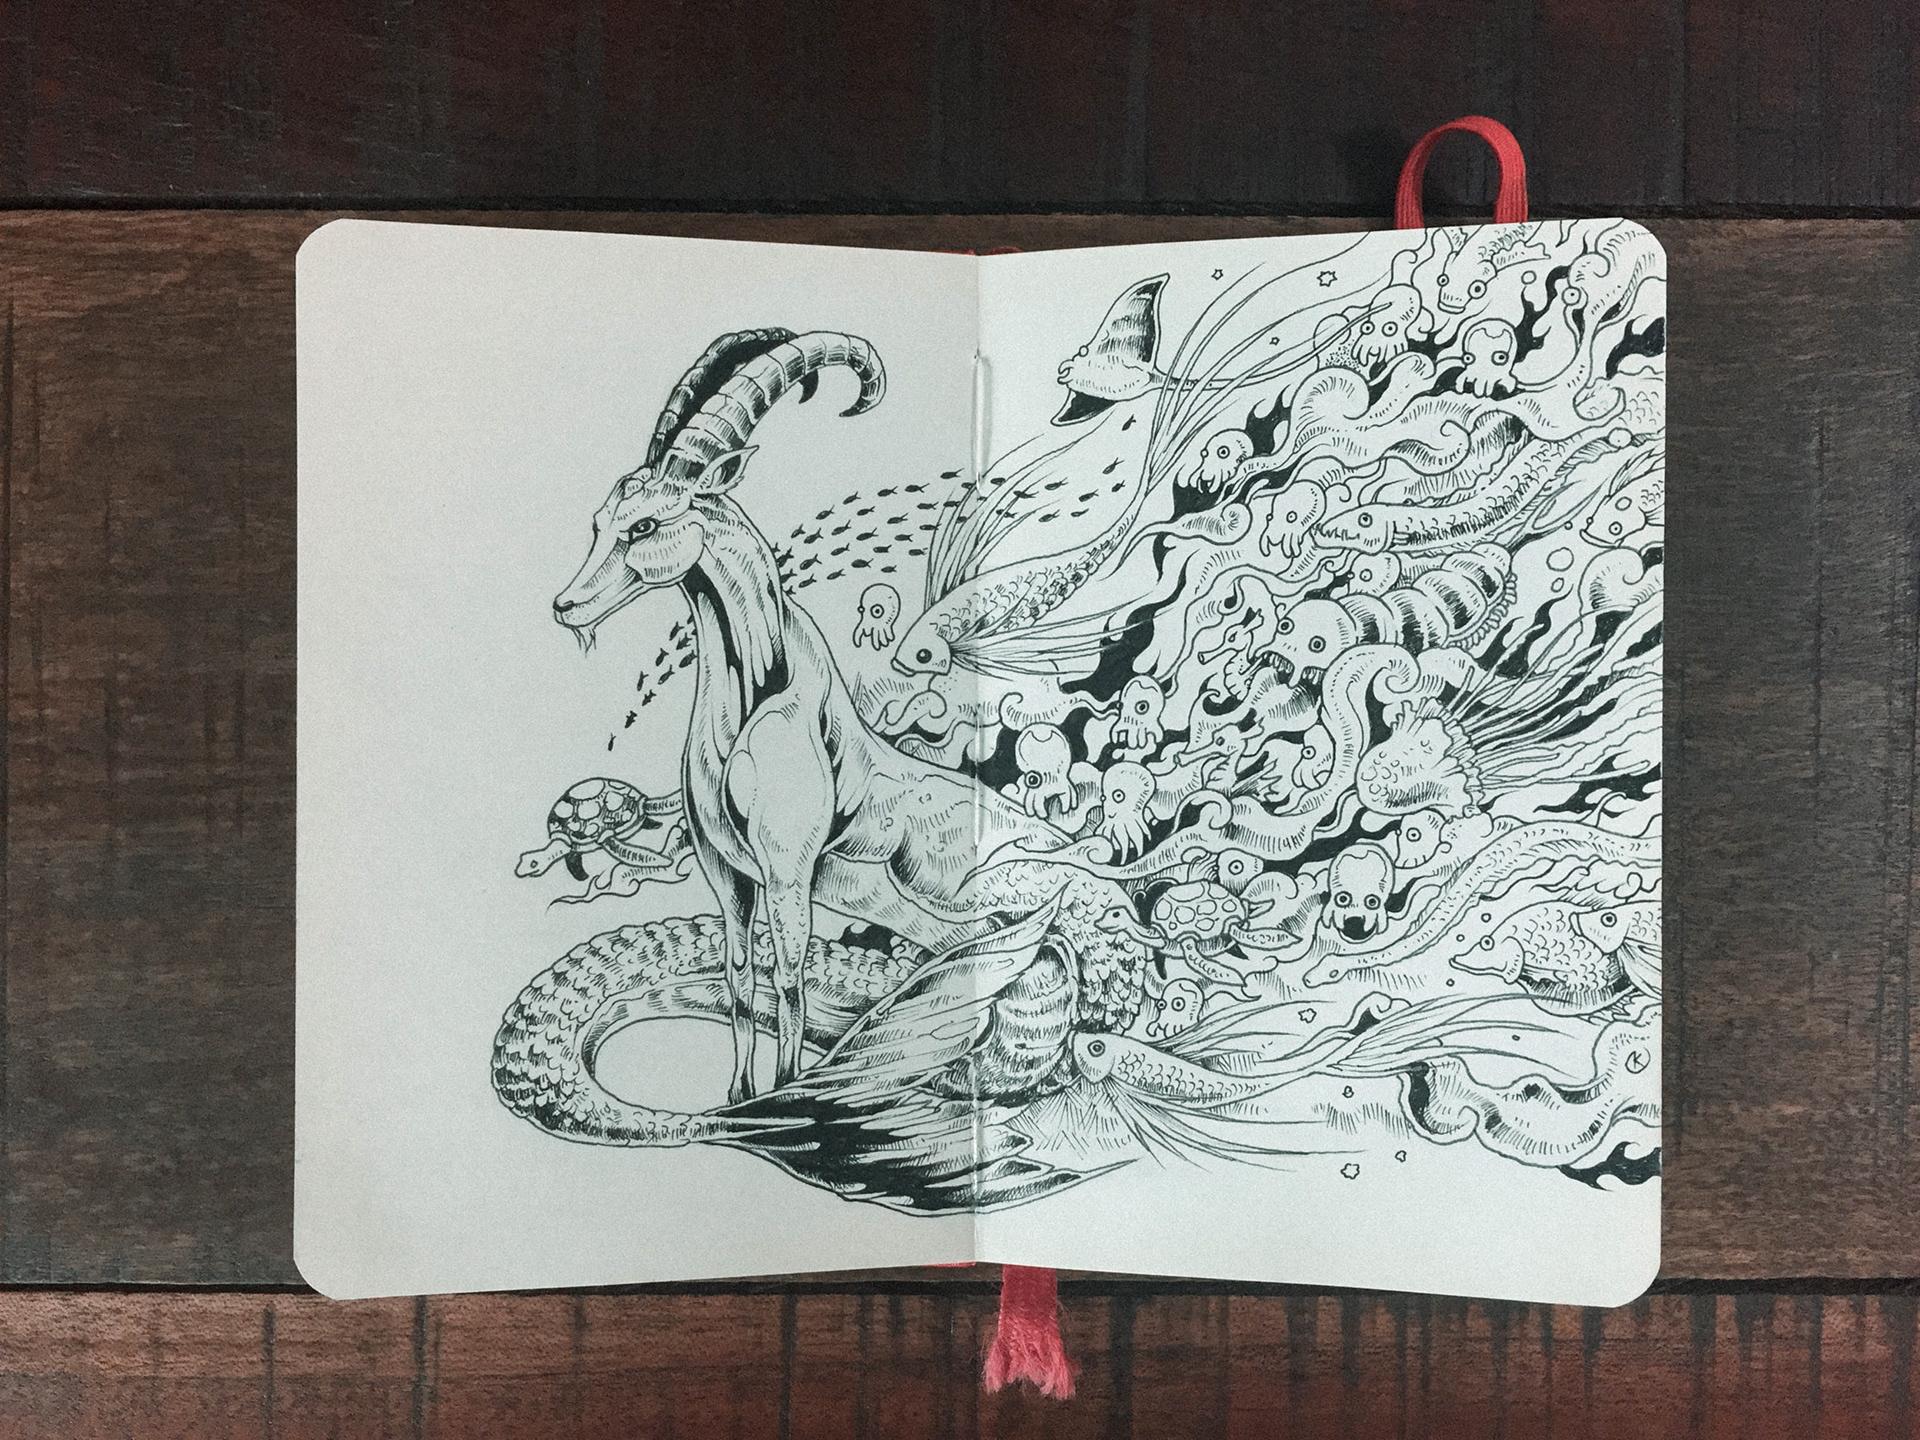 Selected Doodles And Illustrations From 2015 2016 Sketchbooks Done Using Markers Multiliners On Moleskine Pocket Sketchbook